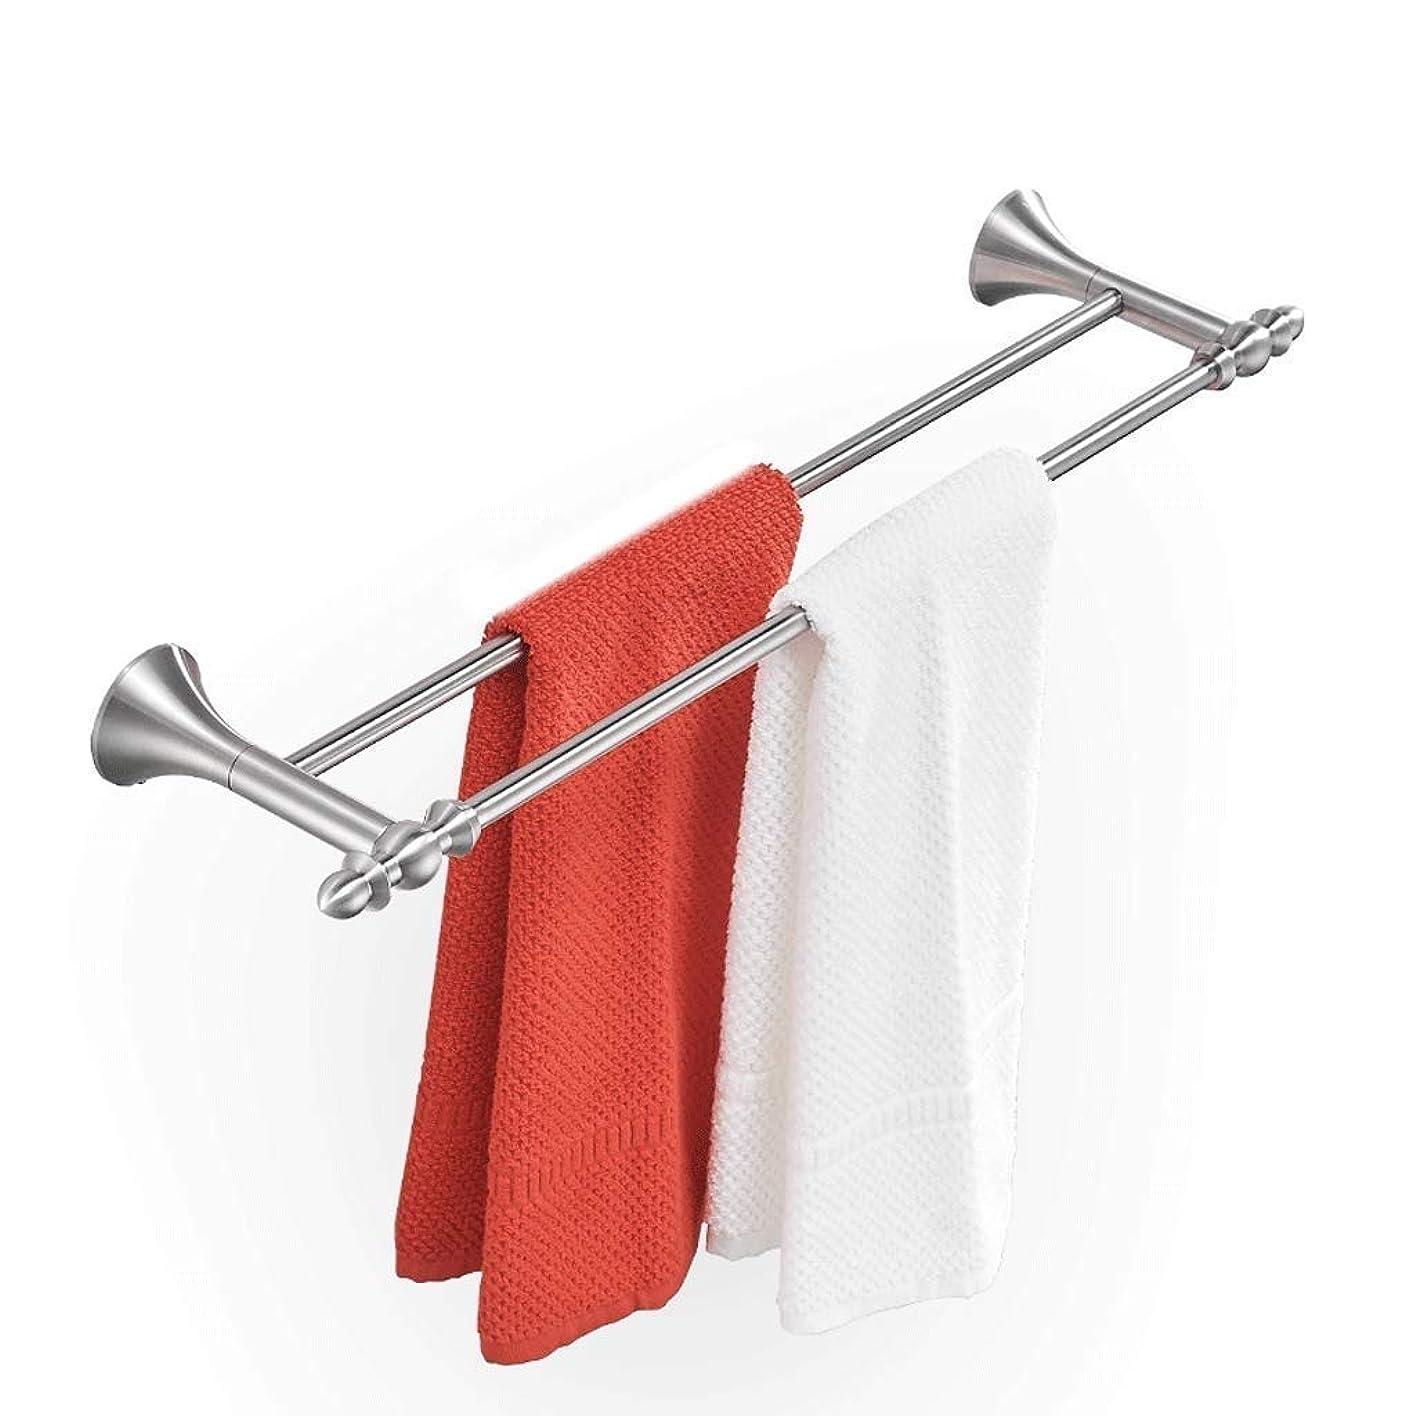 有益マニュアル優遇タオルラック、パンチのない304ステンレススチールブラシタオルバーバスルームバスルームダブルポールロングタオルラック浴室ペンダント